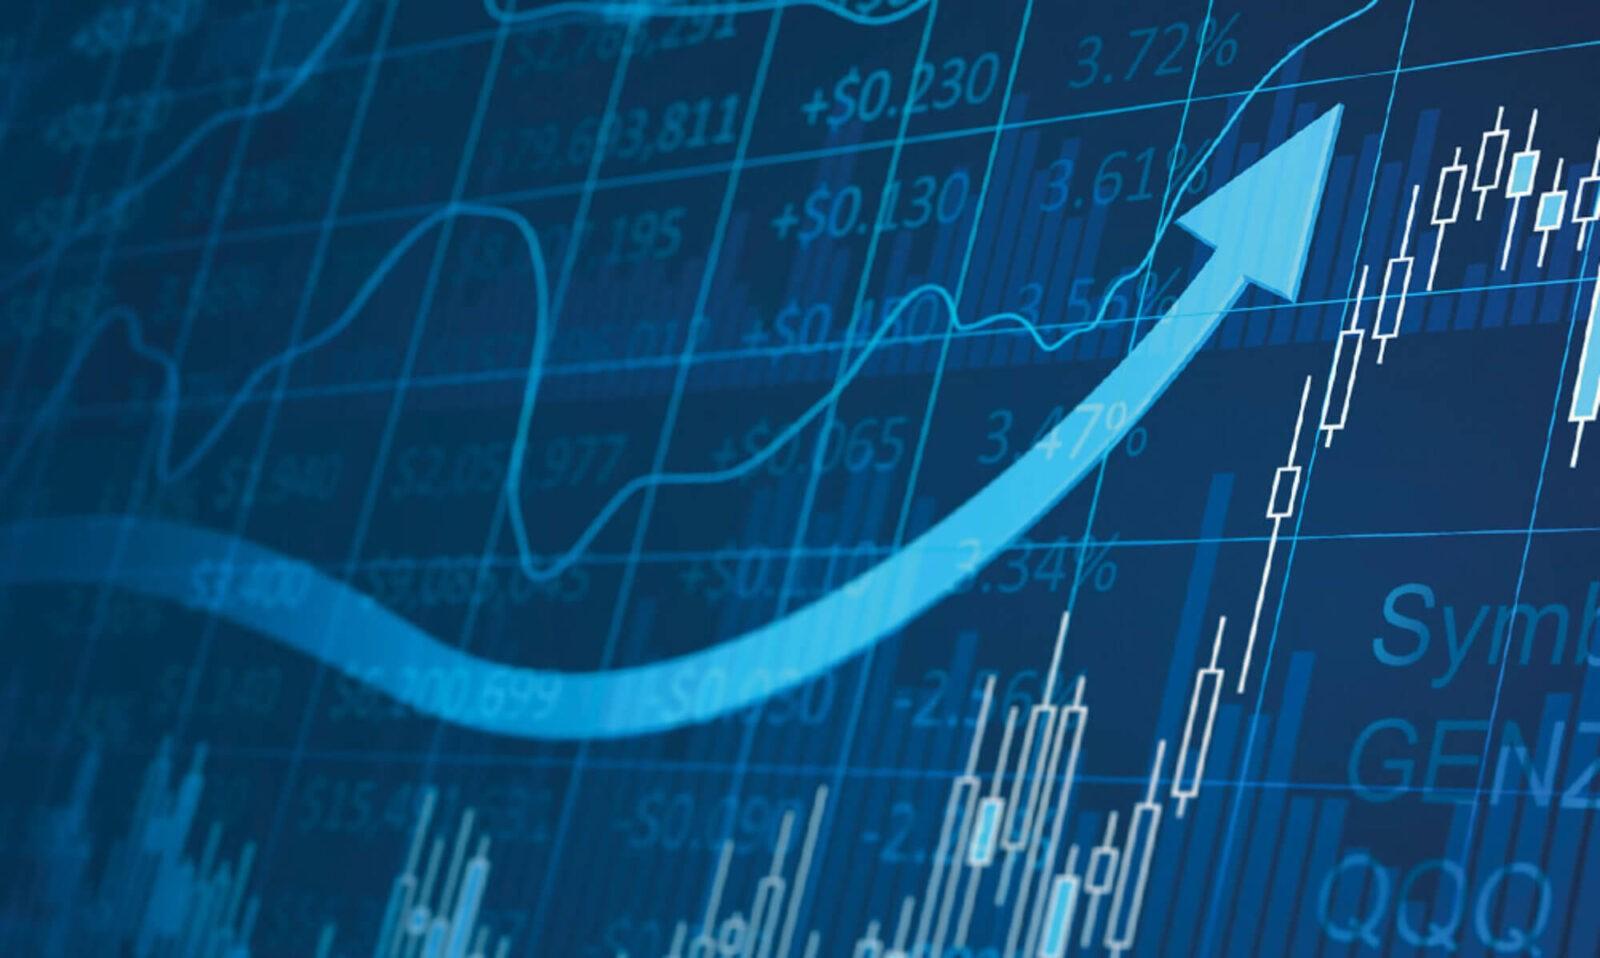 Стратегічні перспективи розвитку промислових регіонів України в умовах економічної турбулентності